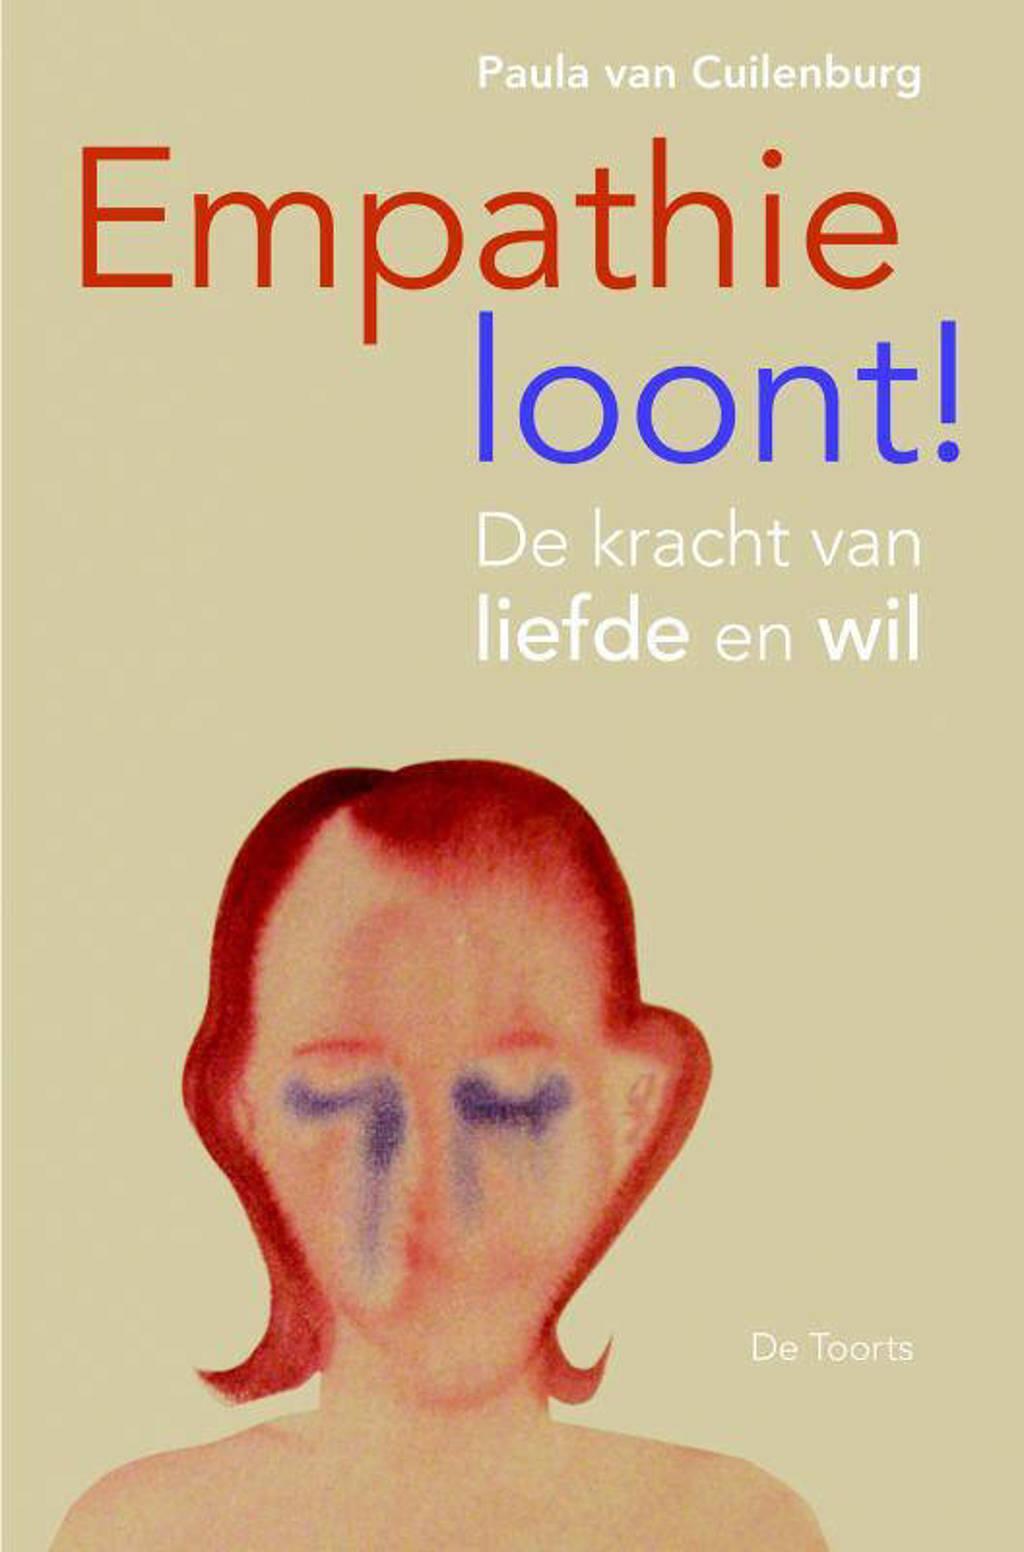 Empathie loont! - Paula van Cuilenburg